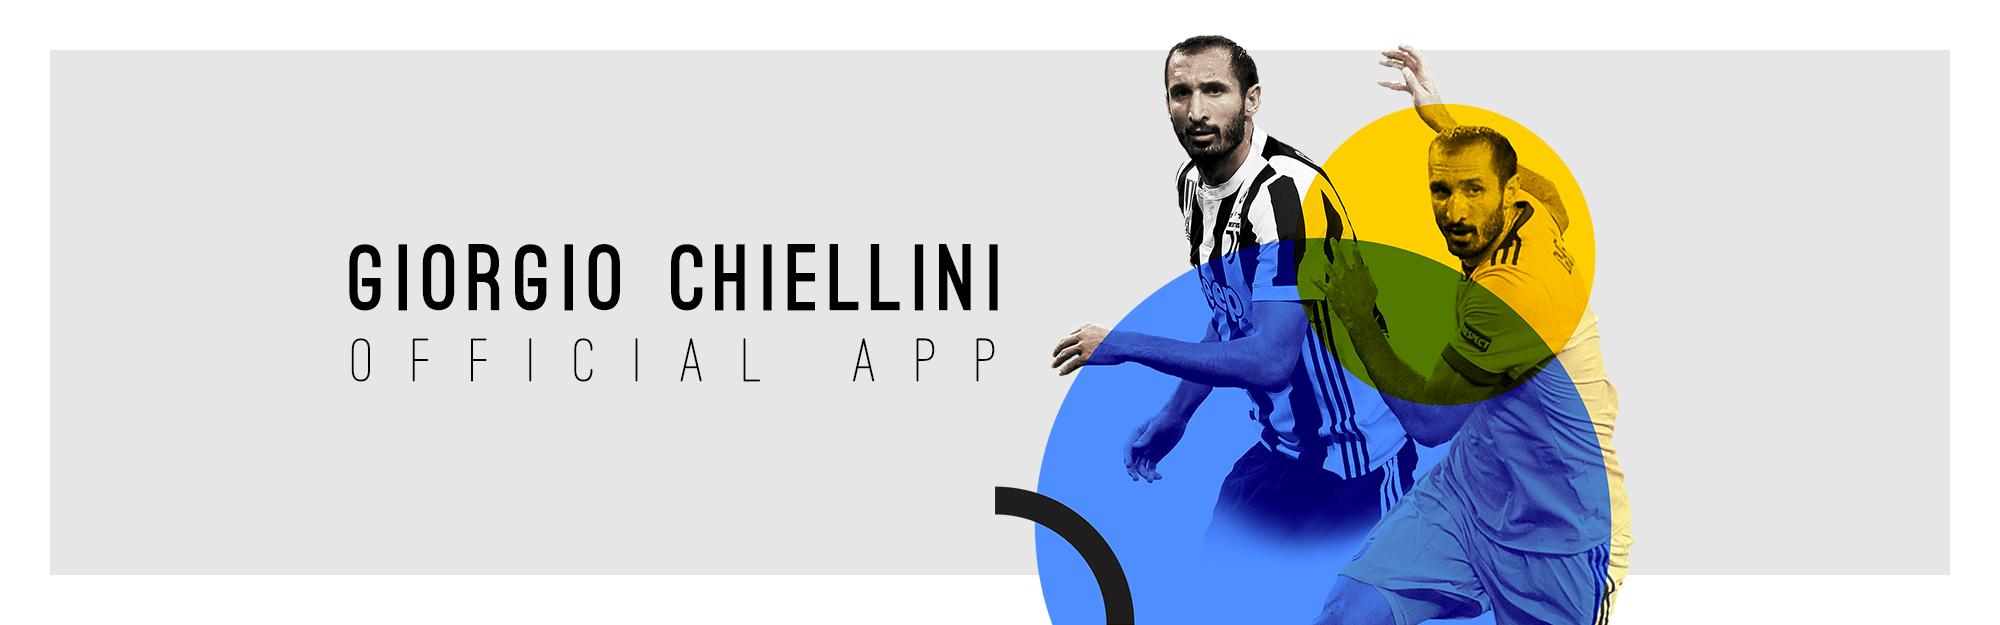 IQUII Sport lancia la nuova Official App di Giorgio Chiellini